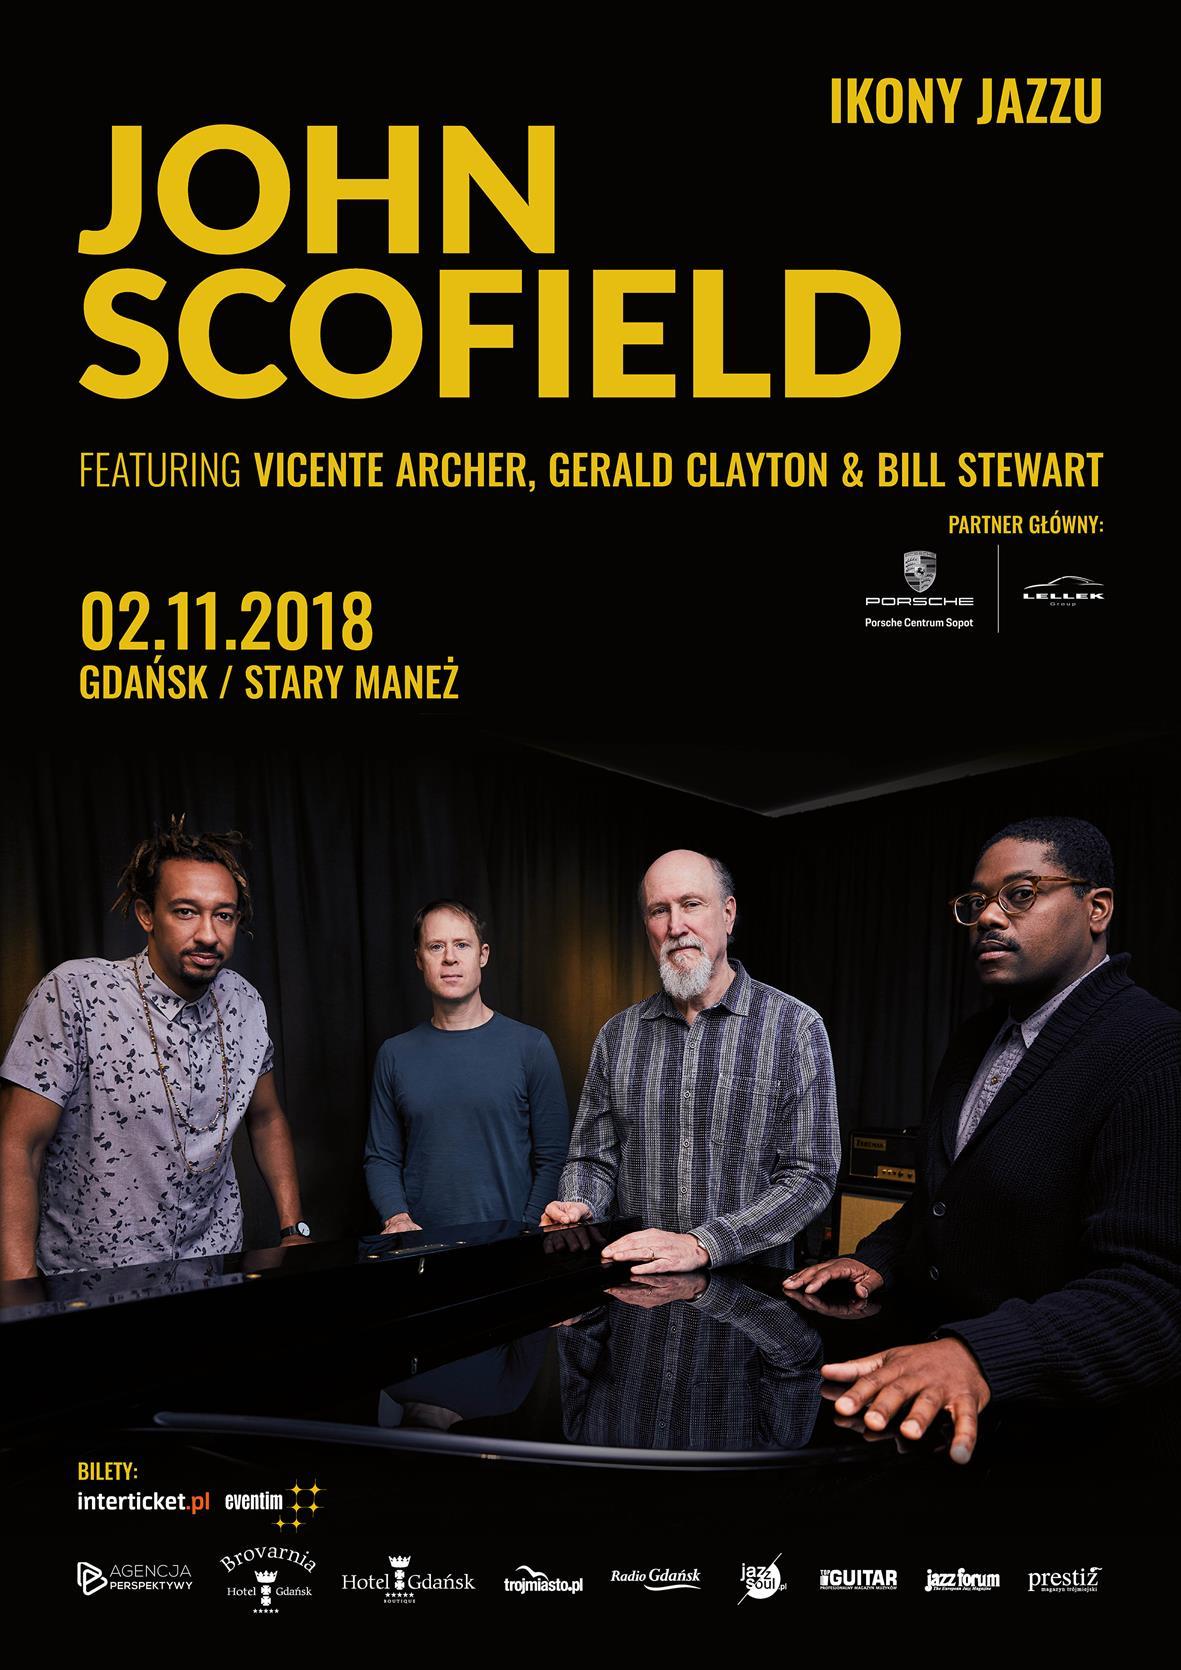 Ikony Jazzu - John Scofield - Poster (Copy)